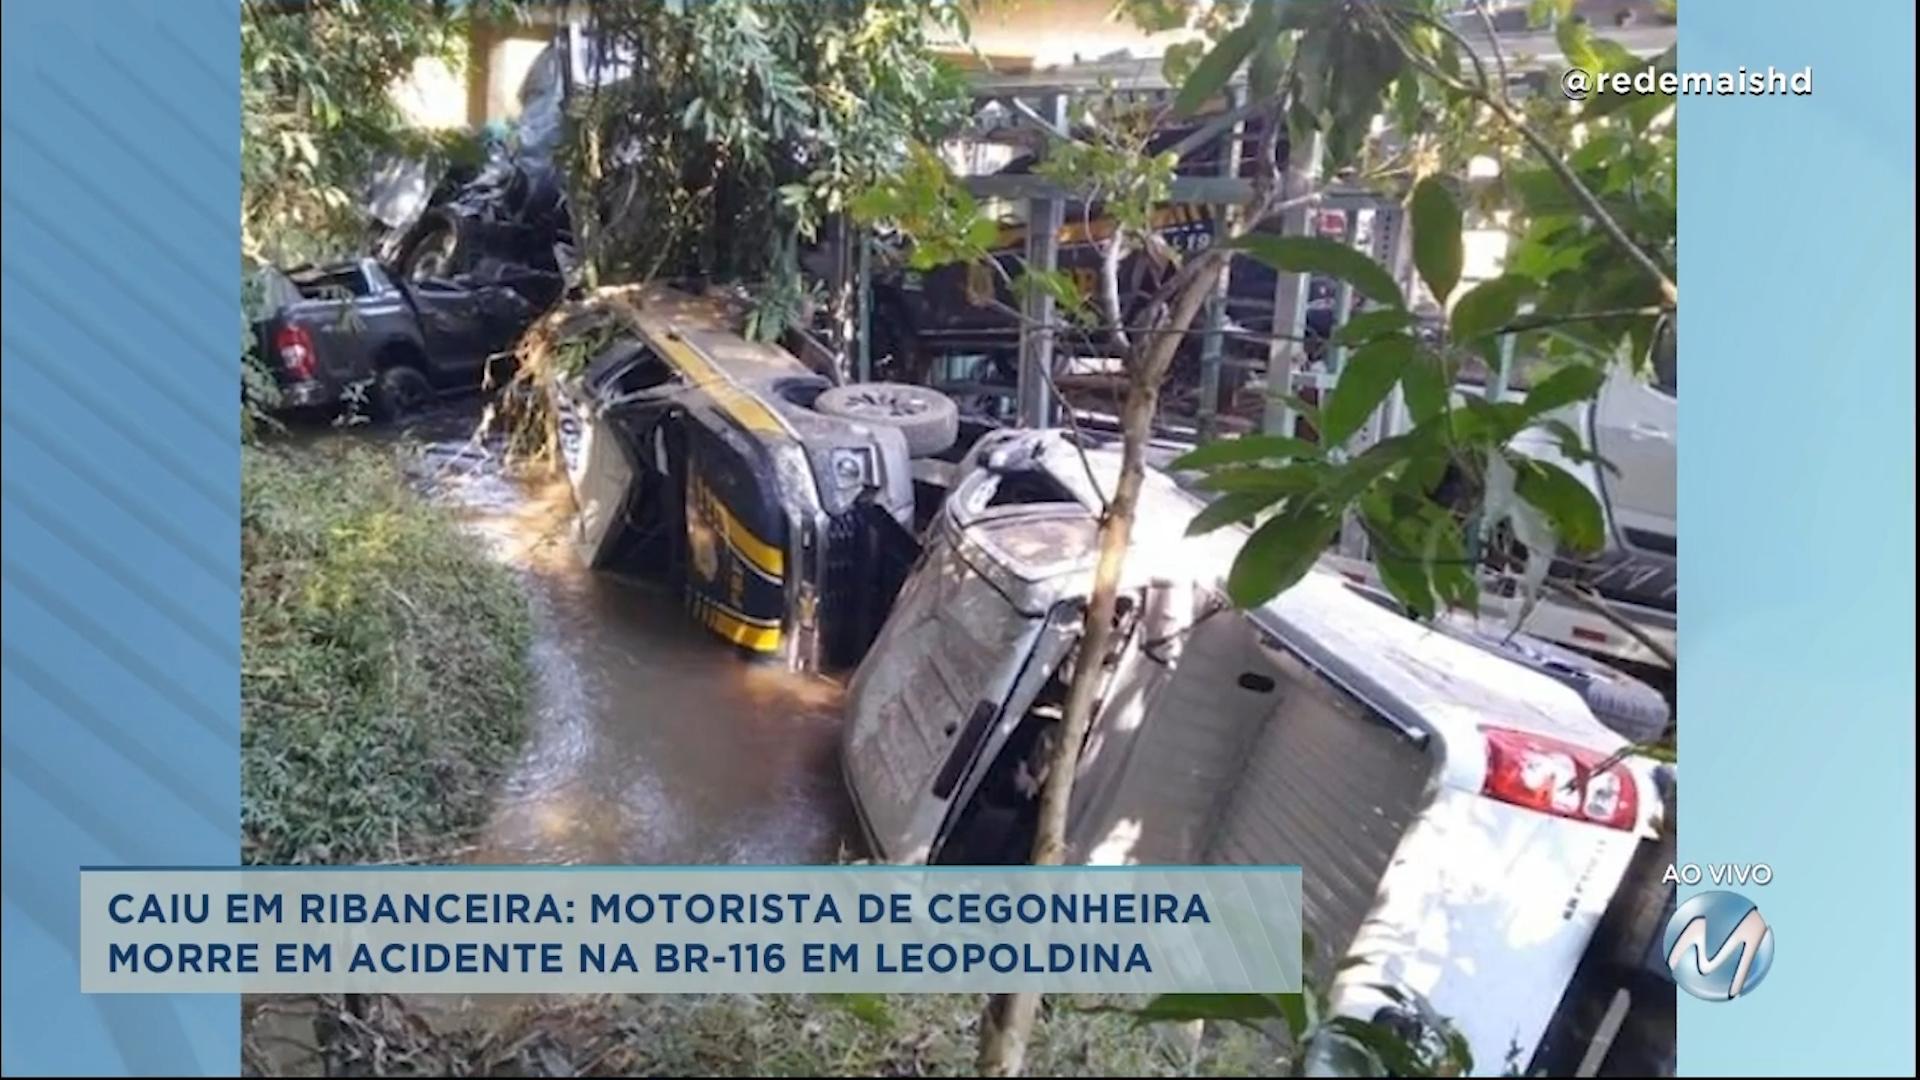 Motorista de cegonheira morre em acidente na BR-116